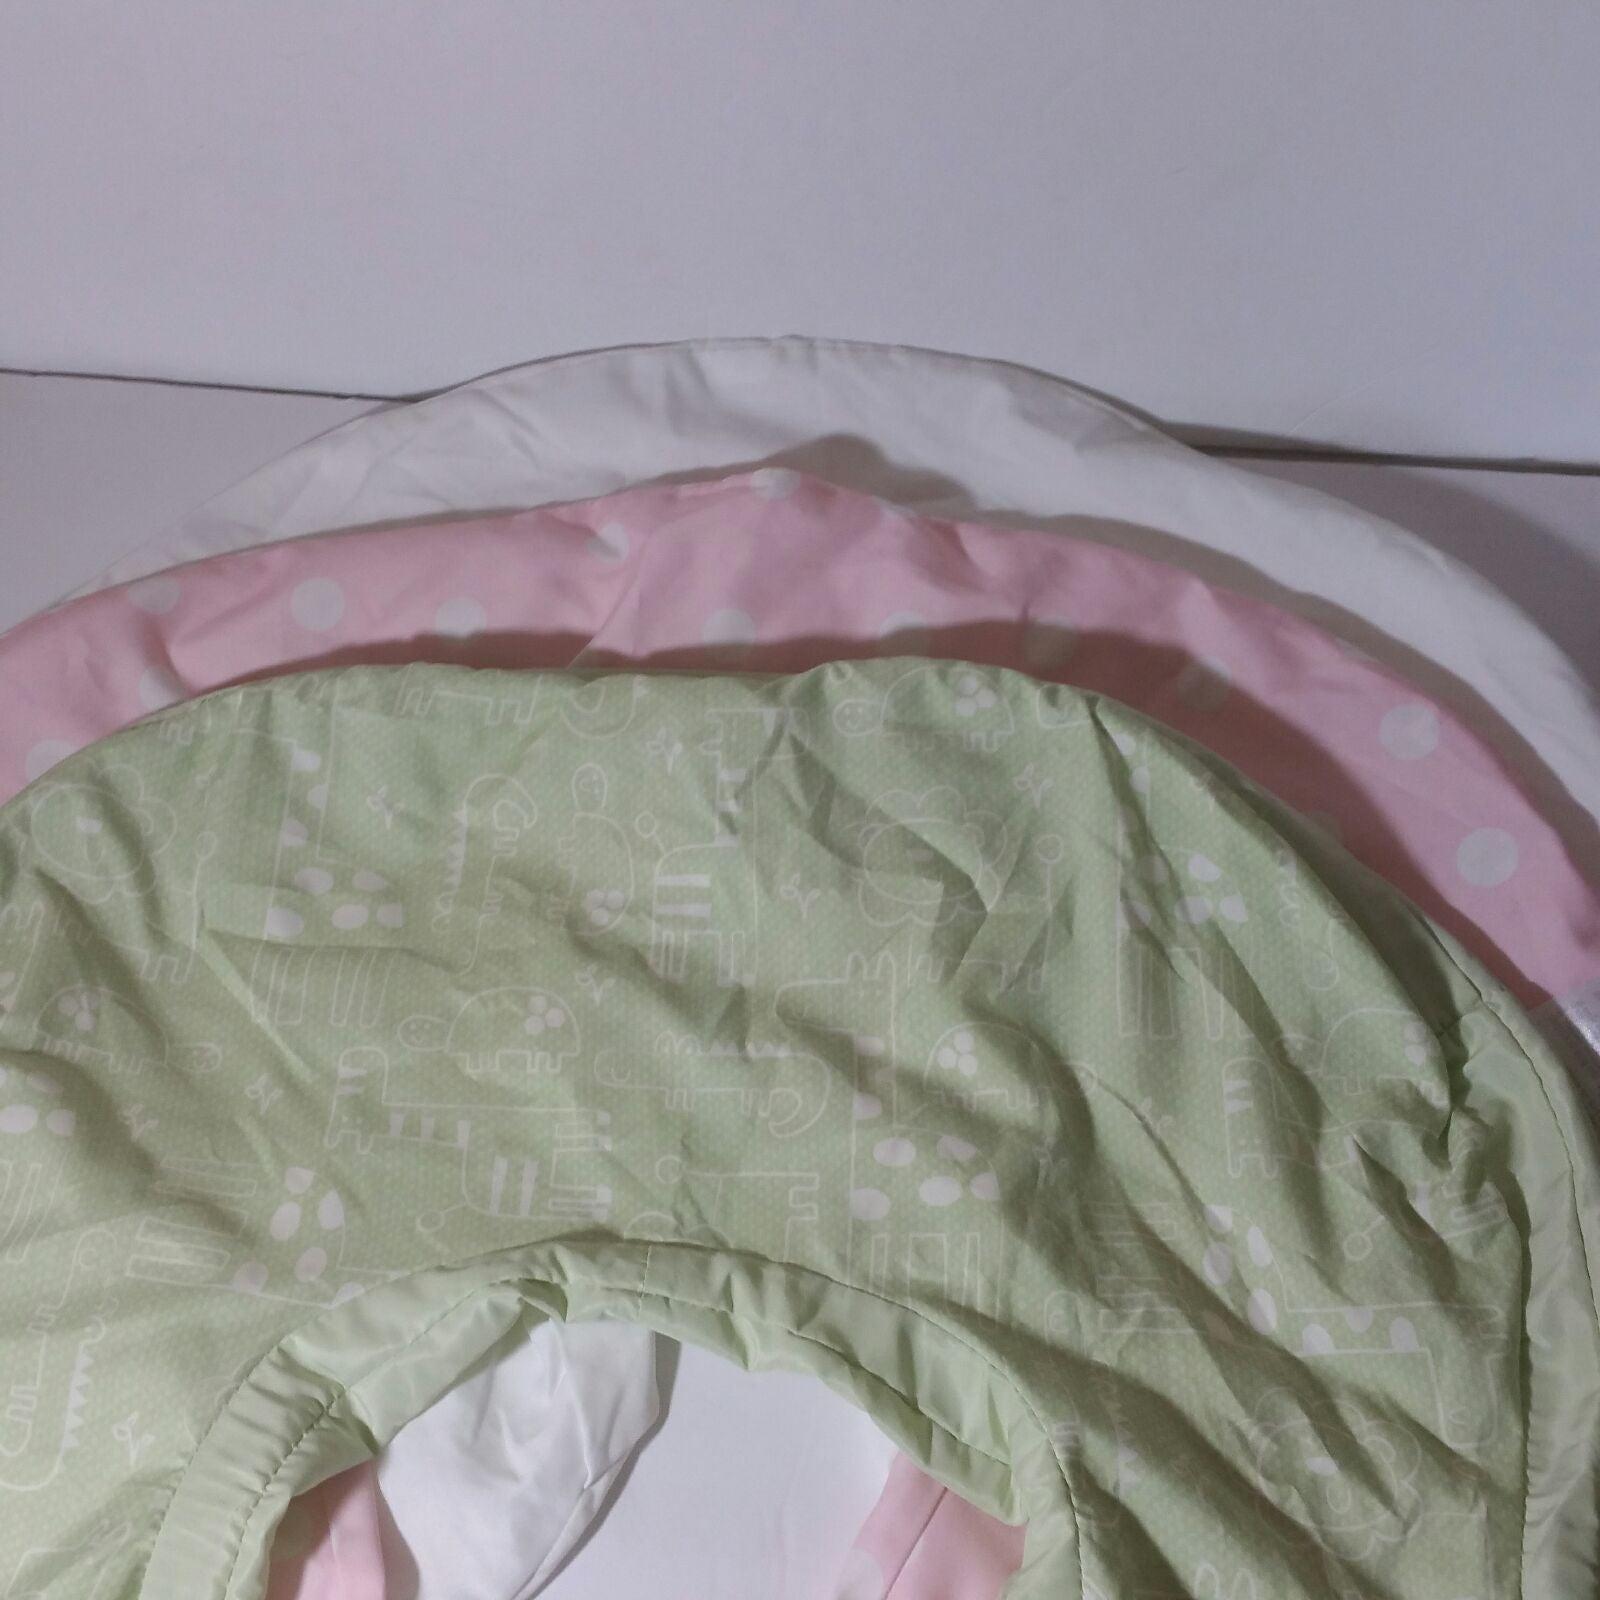 Boppy Nursering Pillow Covers